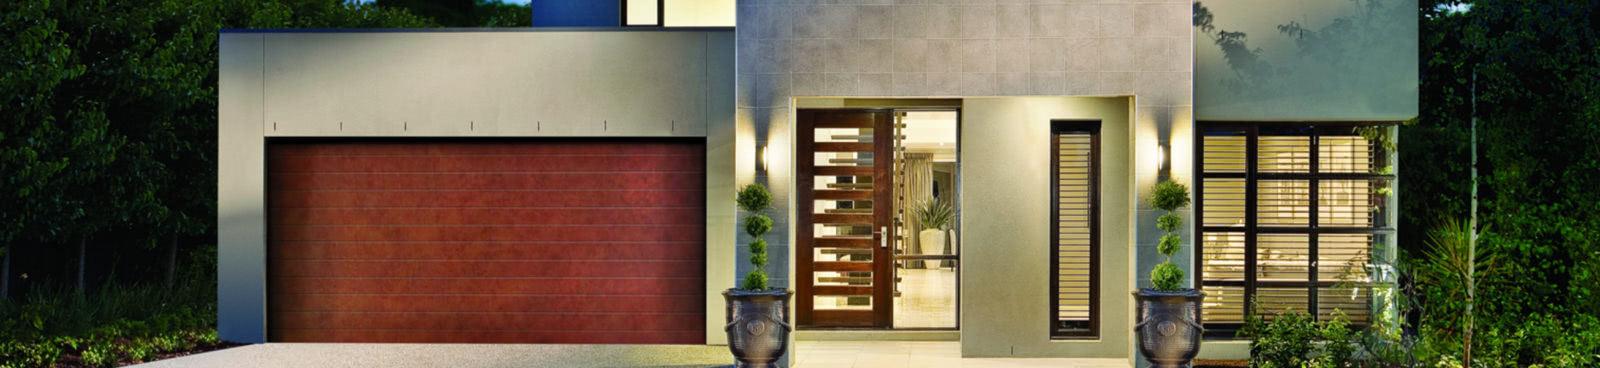 Decovogue Garage Door Banner Steel Line Garage Doors